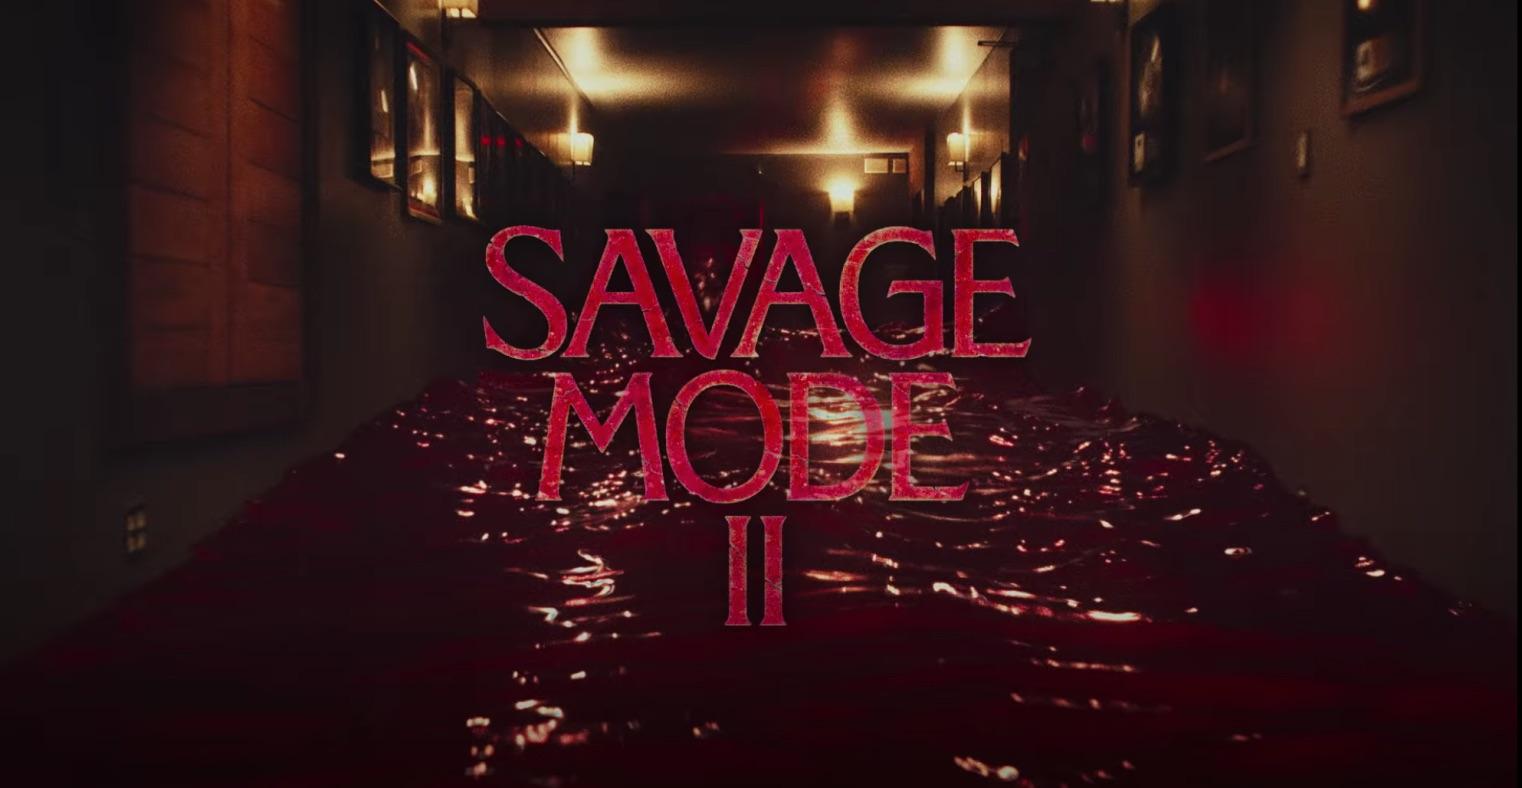 21 savage metro boomin tease savage mode 2 variety 21 savage metro boomin tease savage